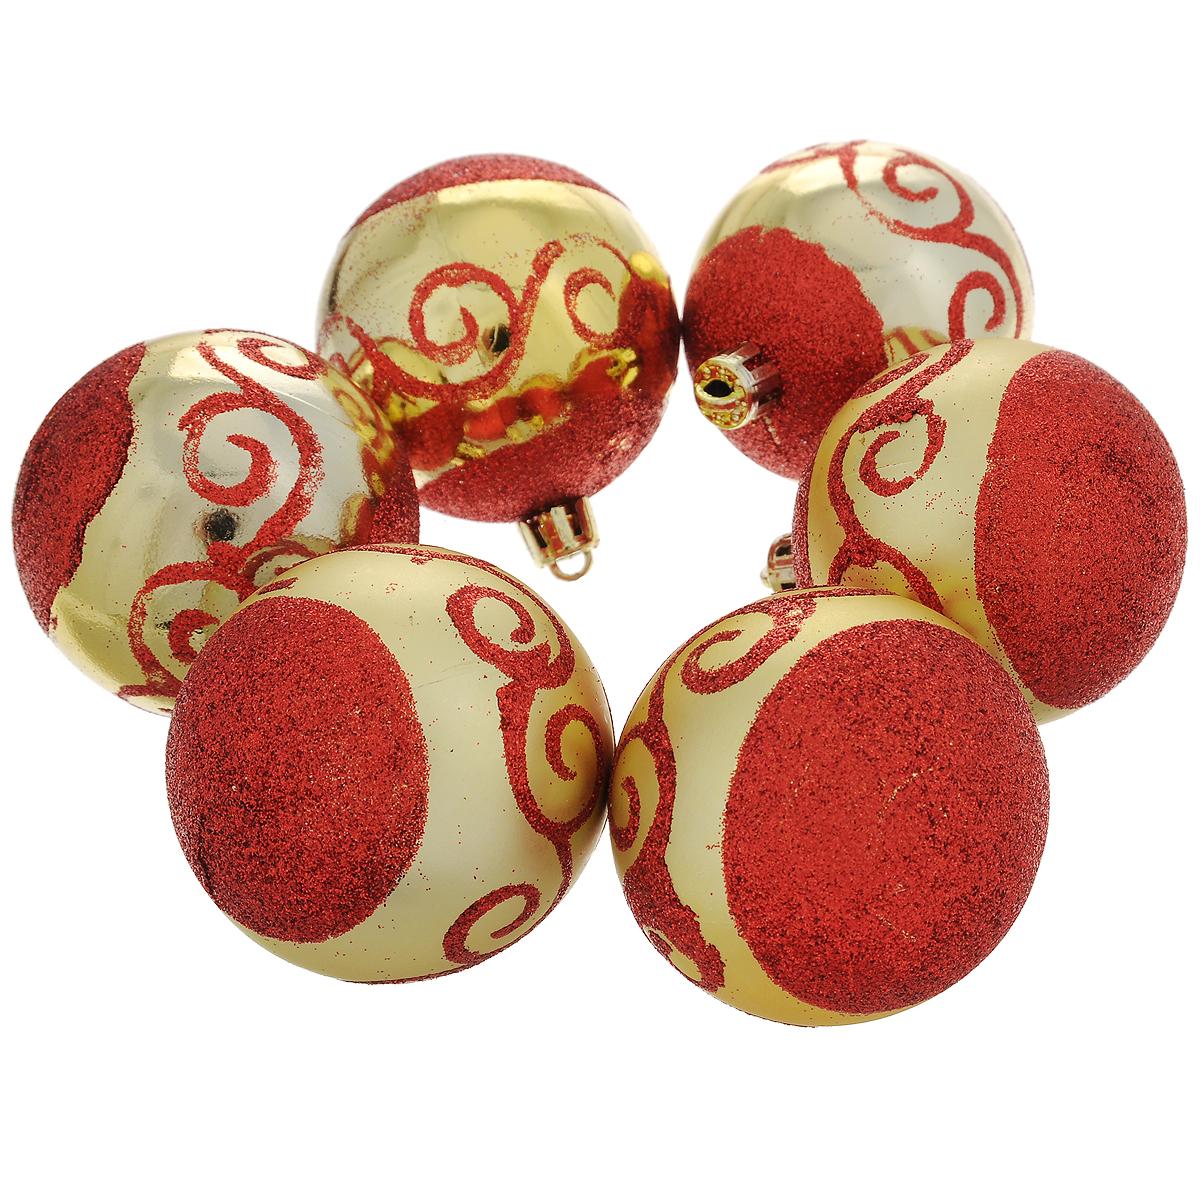 Набор новогодних подвесных украшений Шар, цвет: золотистый, красный, диаметр 6 см, 6 шт. 3555334358Набор новогодних подвесных украшений Шар прекрасно подойдет для праздничного декора новогодней ели. Состоит из шести шаров.Елочная игрушка - символ Нового года. Она несет в себе волшебство и красоту праздника. Создайте в своем доме атмосферу веселья и радости, украшая новогоднюю елку нарядными игрушками, которые будут из года в год накапливать теплоту воспоминаний. Коллекция декоративных украшений принесет в ваш дом ни с чем несравнимое ощущение волшебства! Откройте для себя удивительный мир сказок и грез. Почувствуйте волшебные минуты ожидания праздника, создайте новогоднее настроение вашим дорогим и близким.